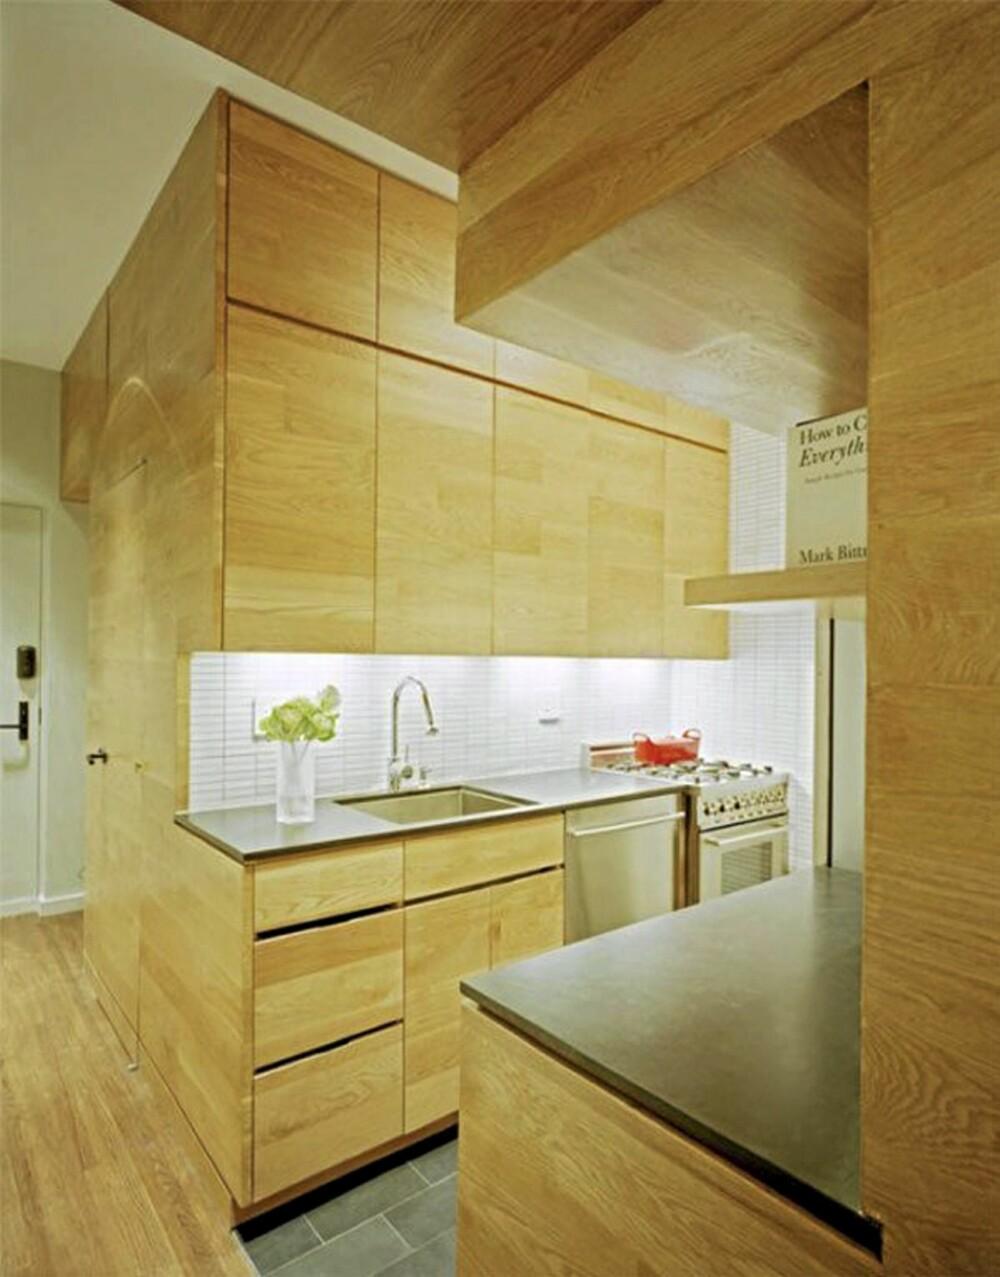 KOMPAKT KJØKKEN: Kjøkkendørenes tre videreføres rundt hjørnet slik at det skapes en illusjon av at enheten er i ett stykke.